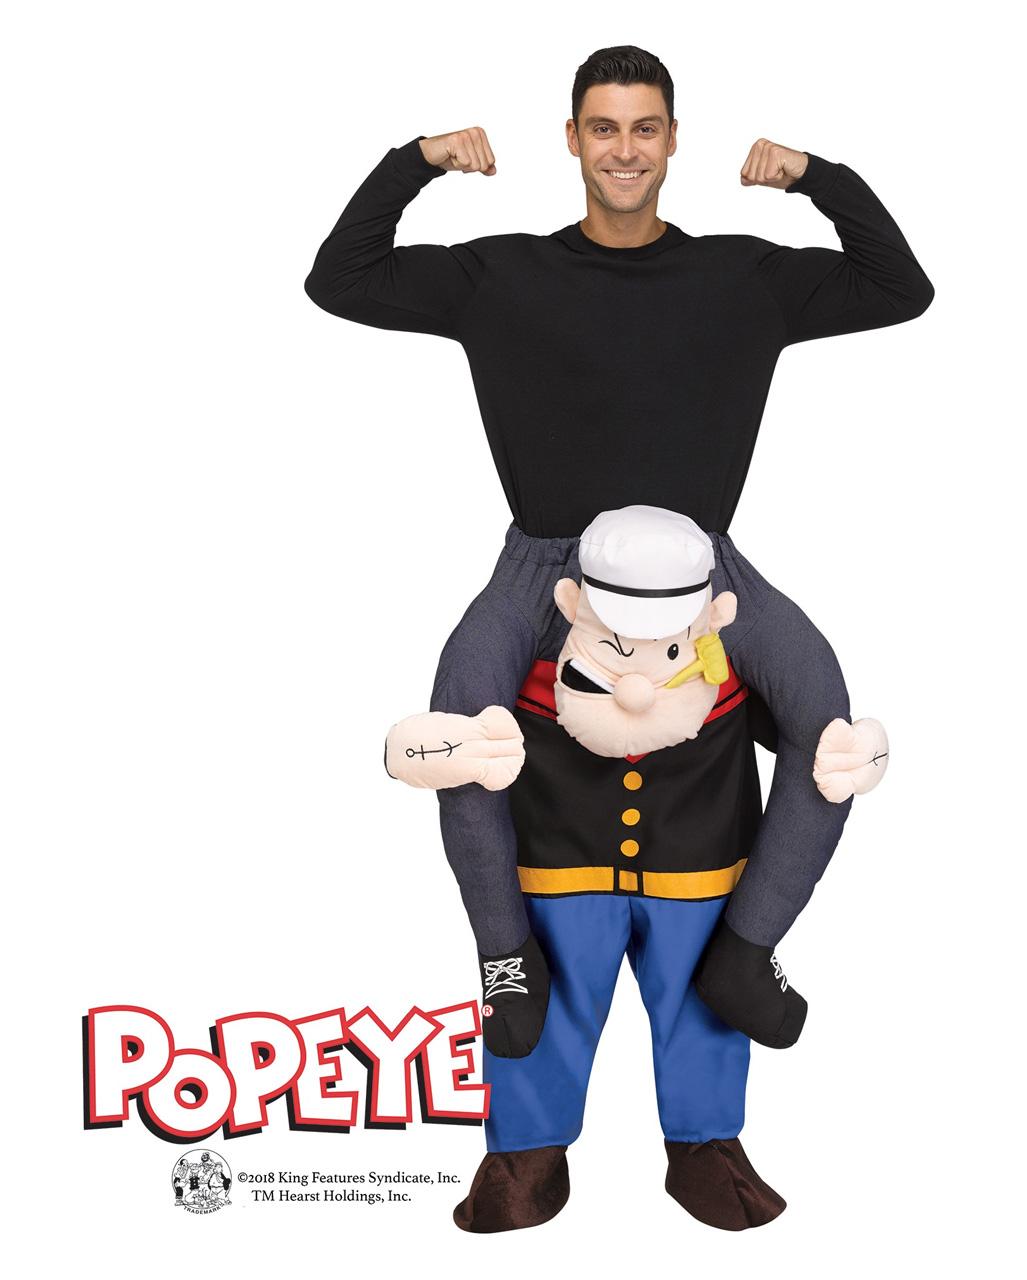 Popeye Carry Me Costume ...  sc 1 st  Horror-Shop.com & Popeye Carry Me Costume   Sailors gag disguise   horror-shop.com